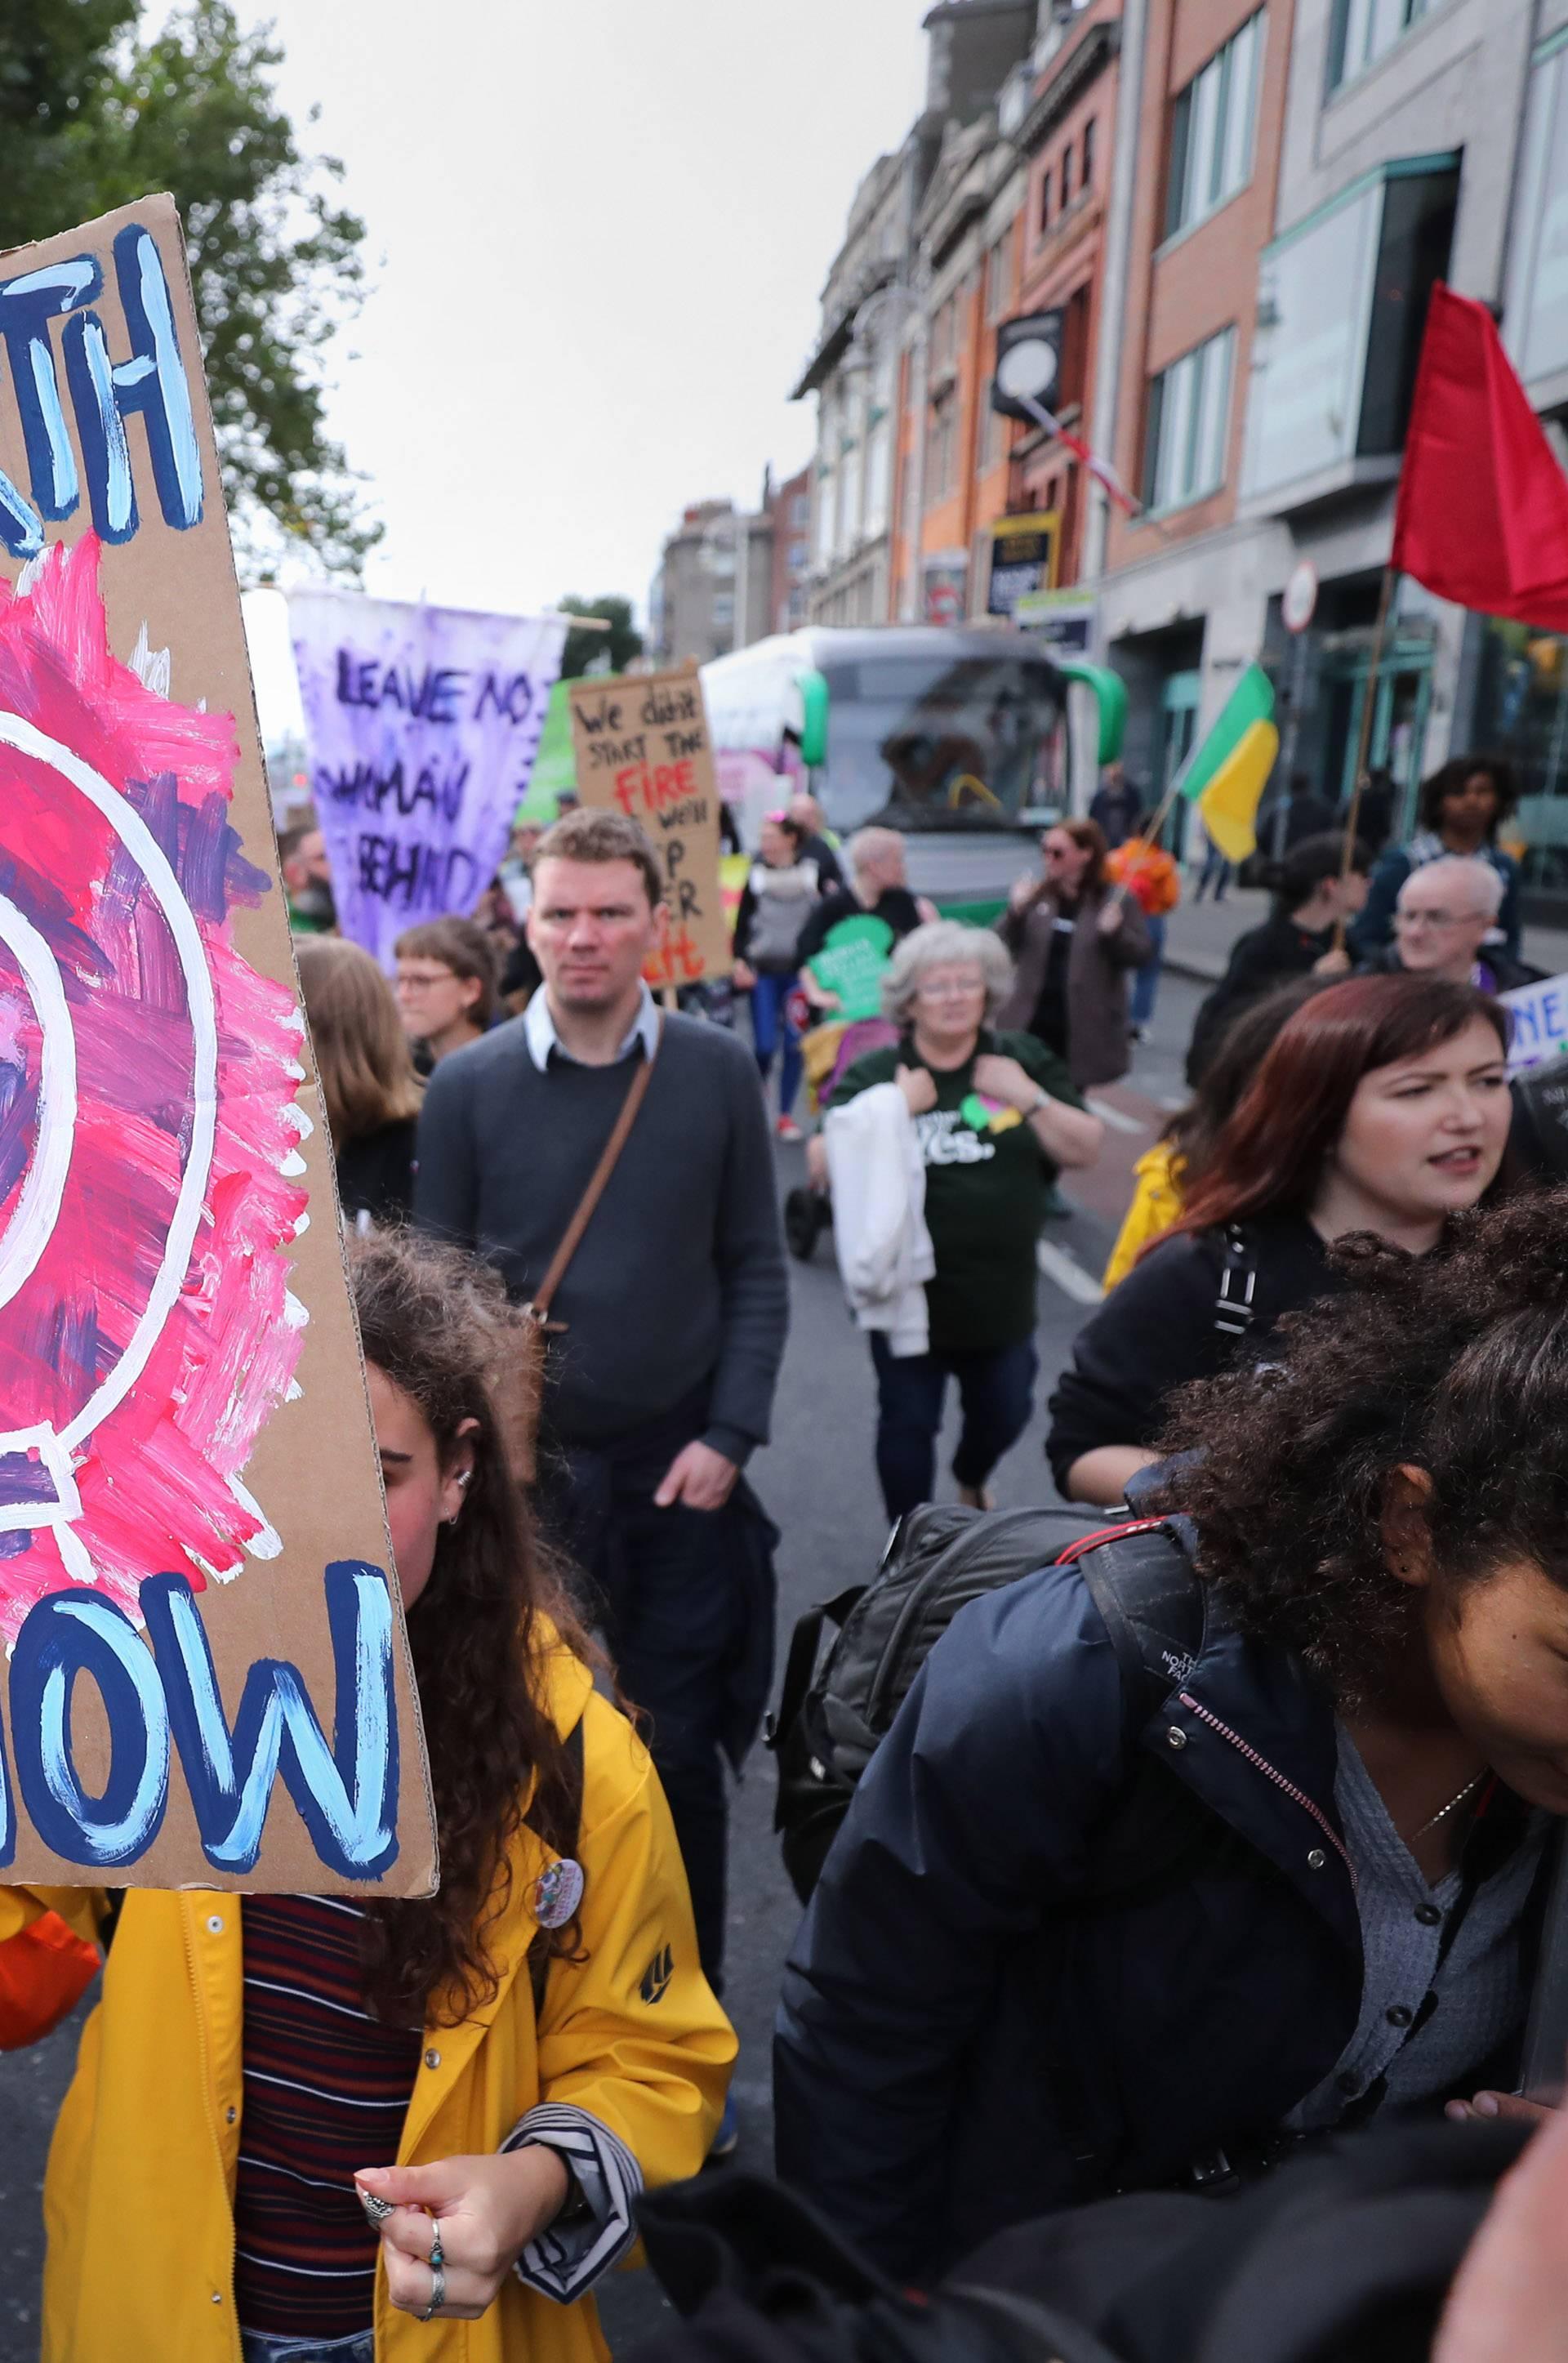 U S. Irskoj napokon legalizirani istospolni brakovi i pobačaj...